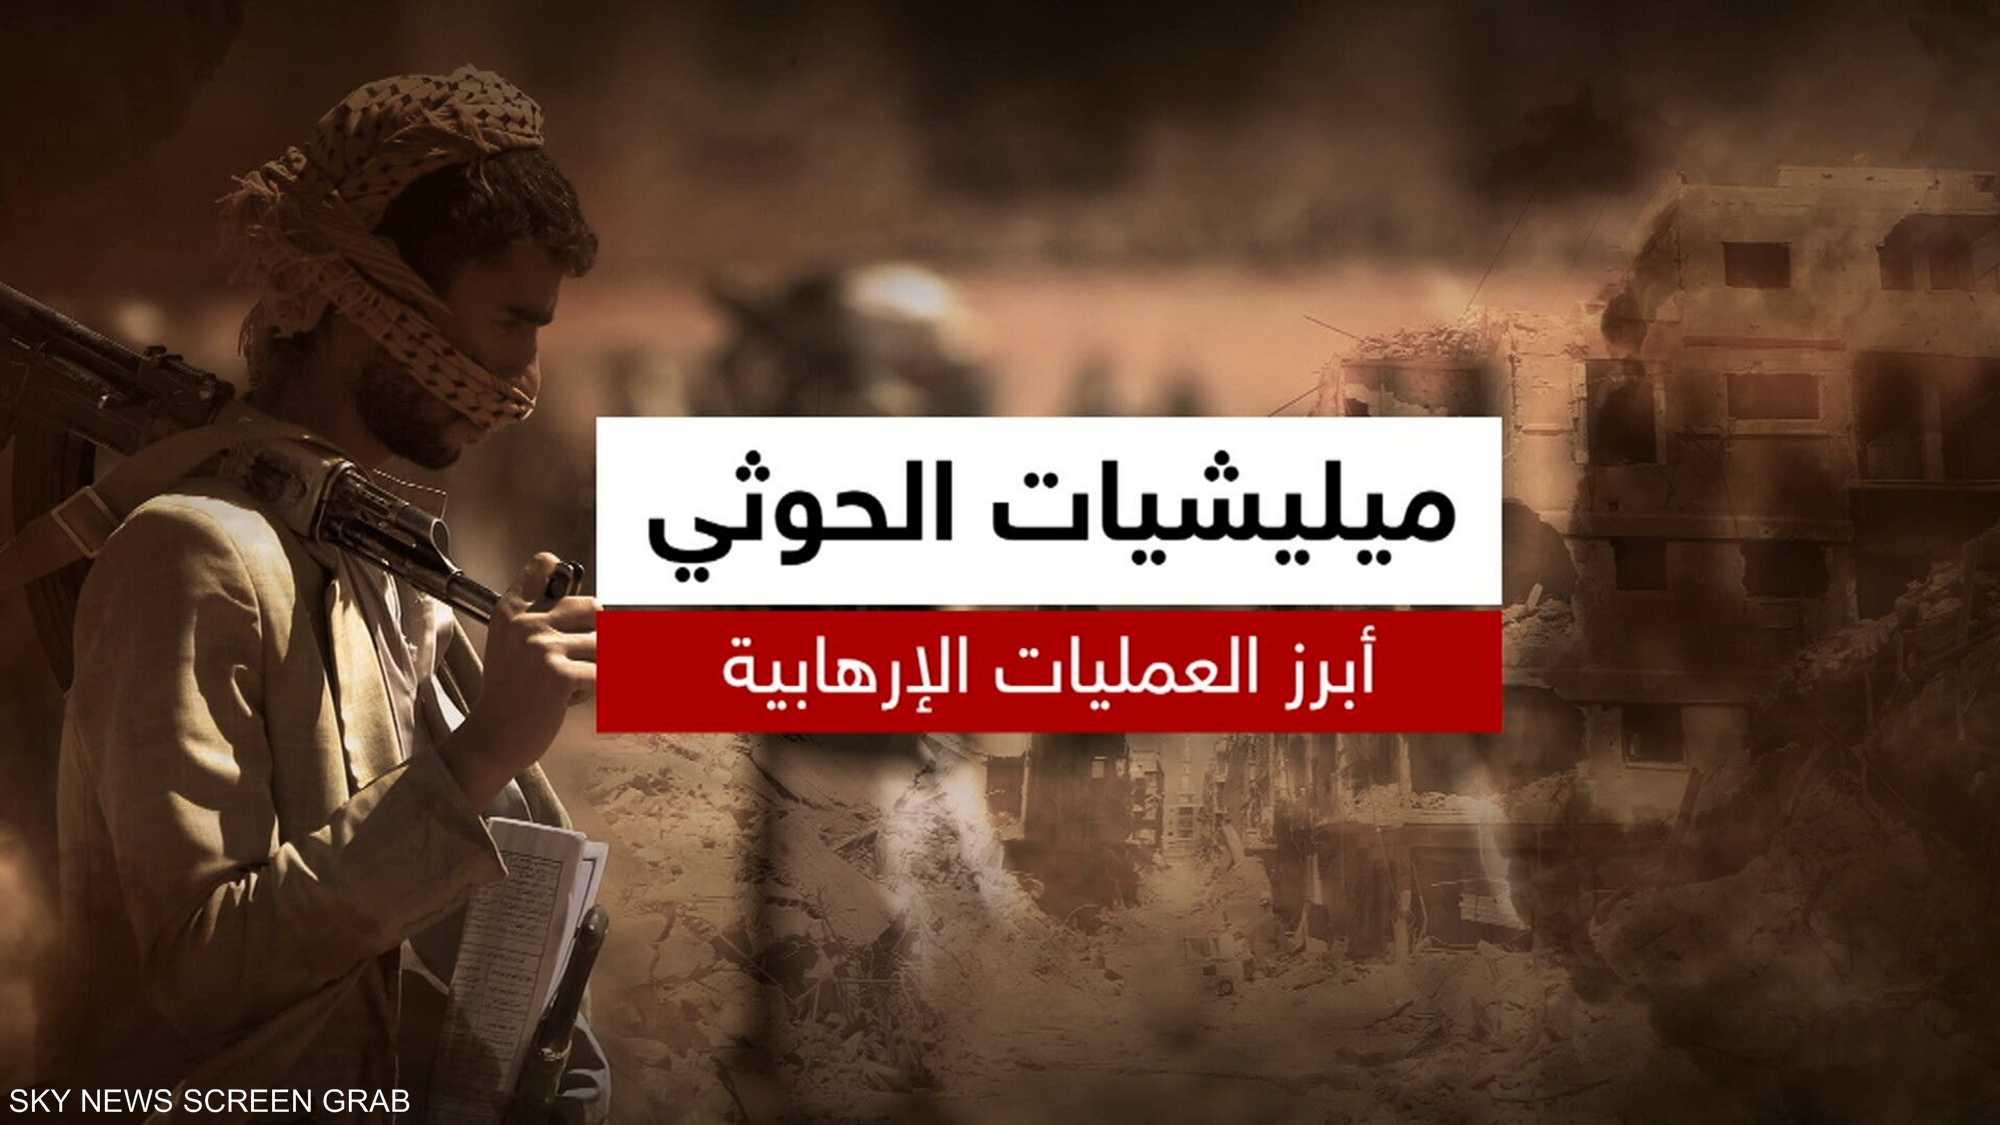 ميليشيا الحوثي الإرهابية.. انتهى زمن الإفلات من العقاب